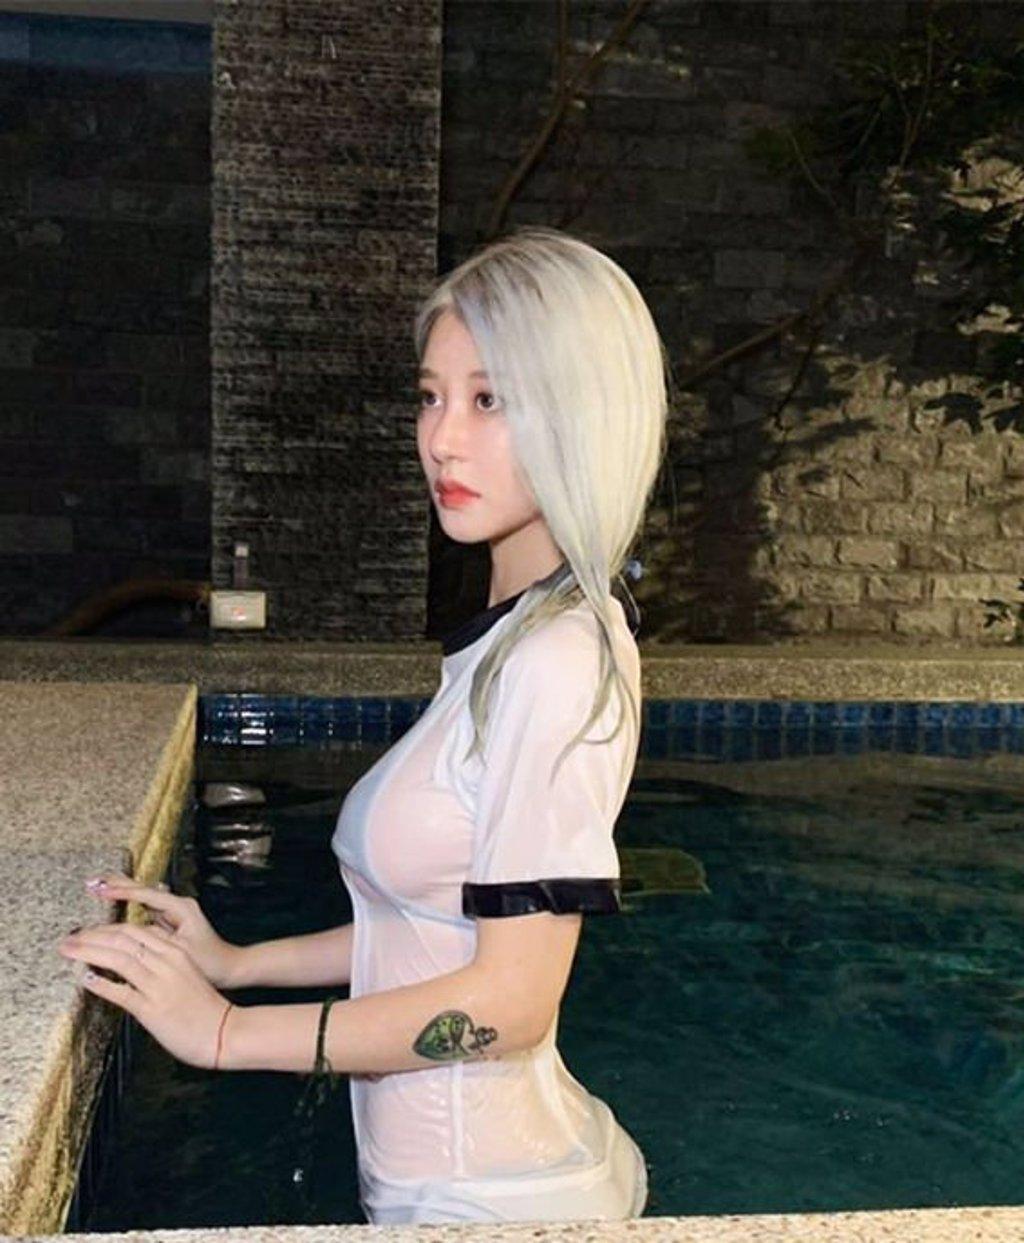 美麗妄娜發明死庫水系列,好身材讓人鼻血快噴出(翻攝至美麗妄娜YouTube)